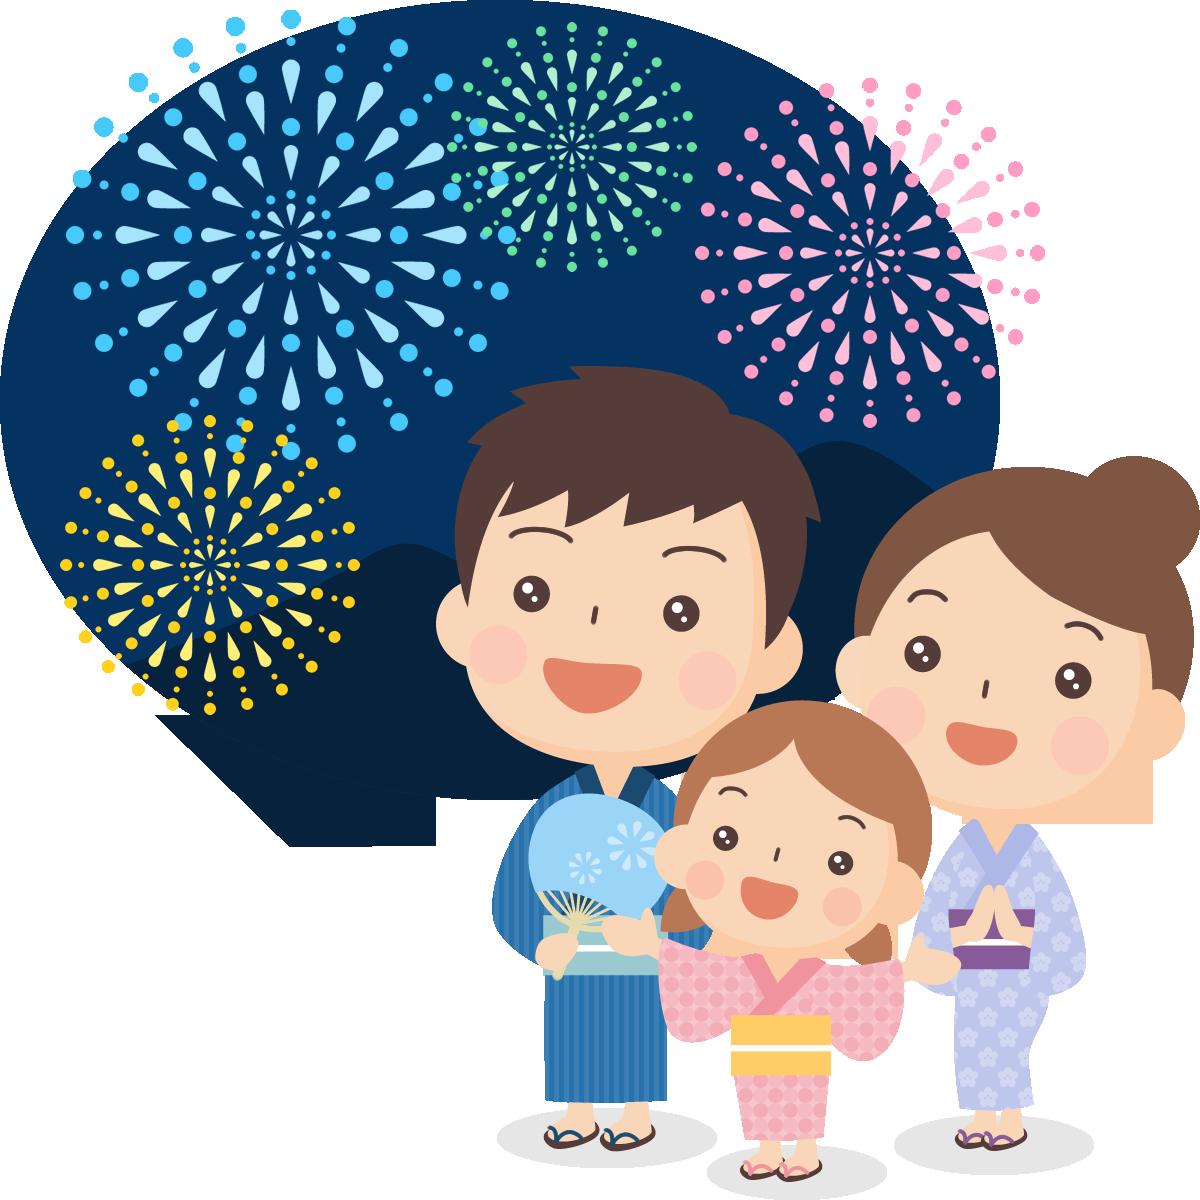 夏祭りのイラスト】打ち上げ花火を眺める浴衣姿の親子 | 無料フリー